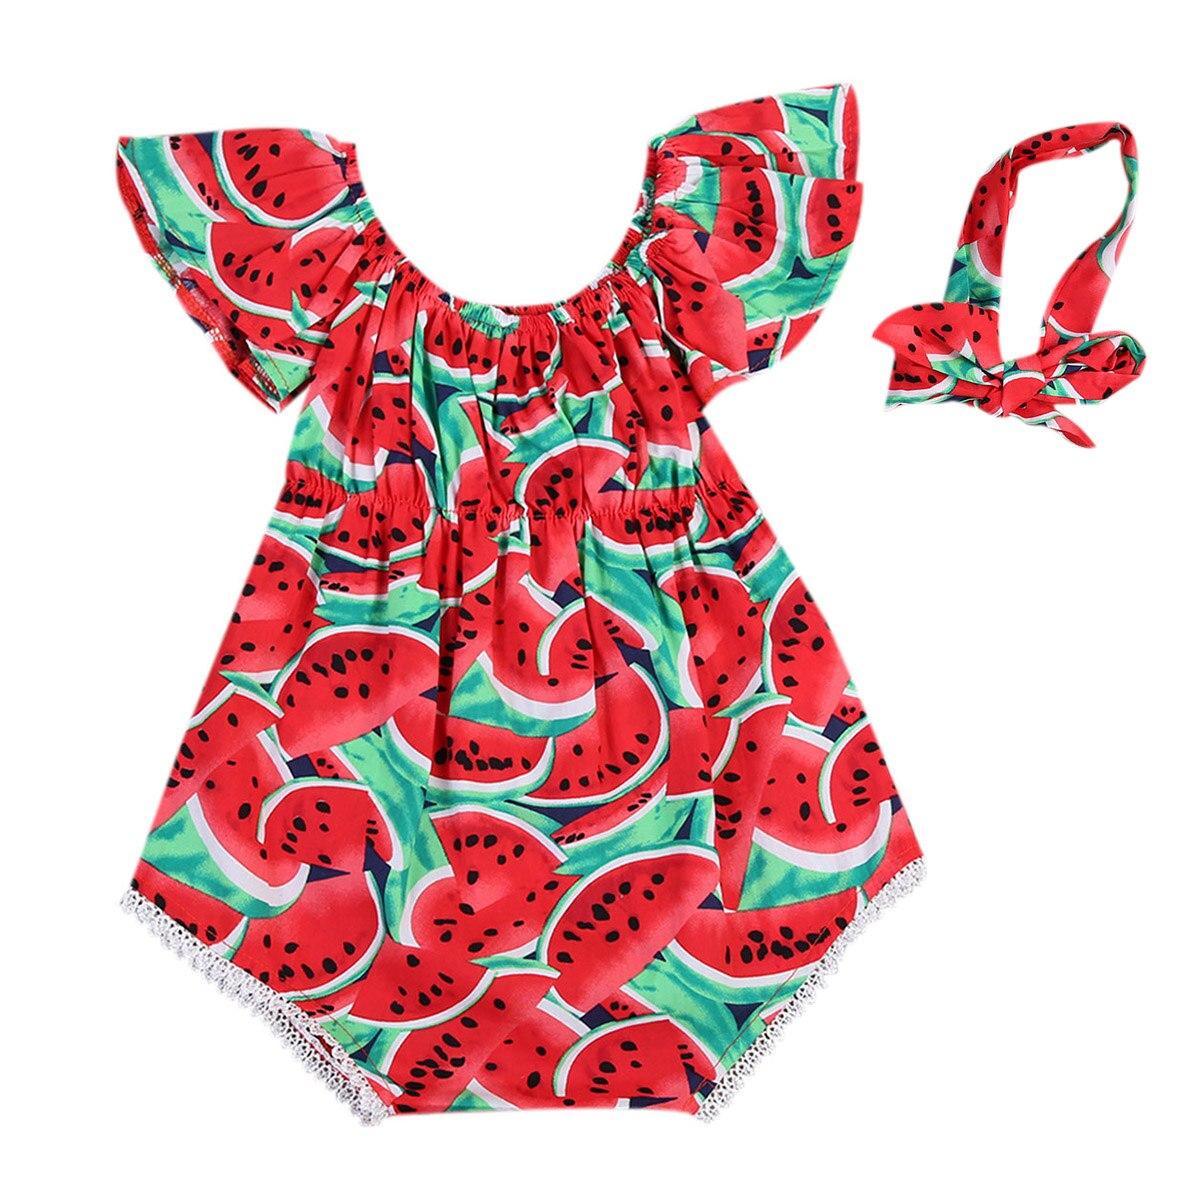 Для новорожденных девочек арбуз одежда Для детей, на лето Повседневное рукавов Красный комбинезон Детские комбинезоны комбинезон 0-24 м ...